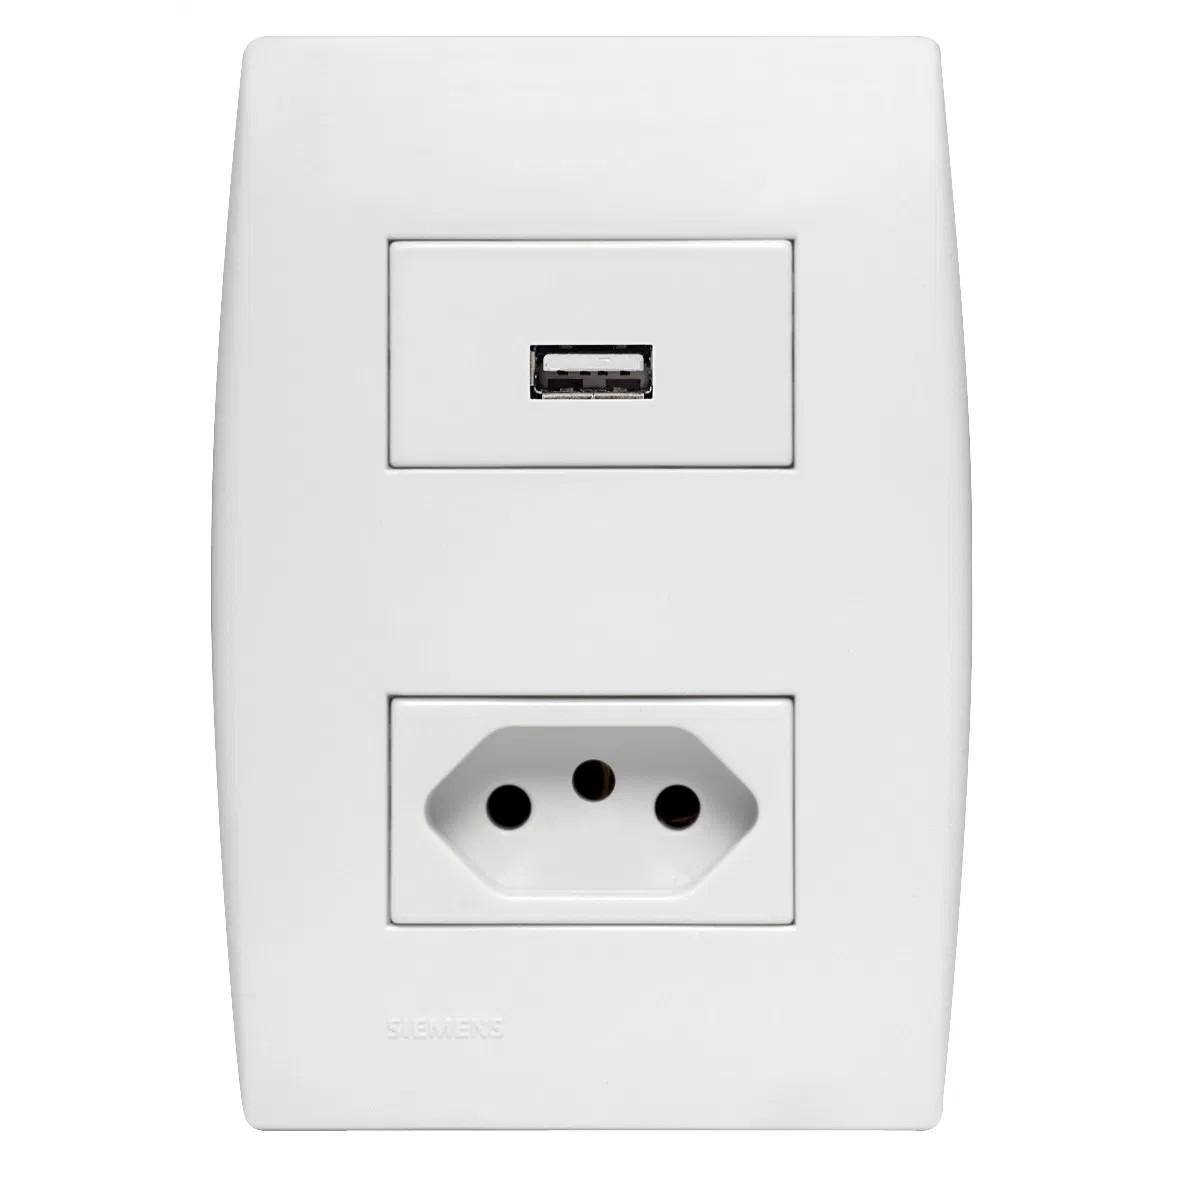 Conjunto Montado para Carregador USB com Tomada 2PT 4x2 5TG99103 ILUS Bivolt - Iriel